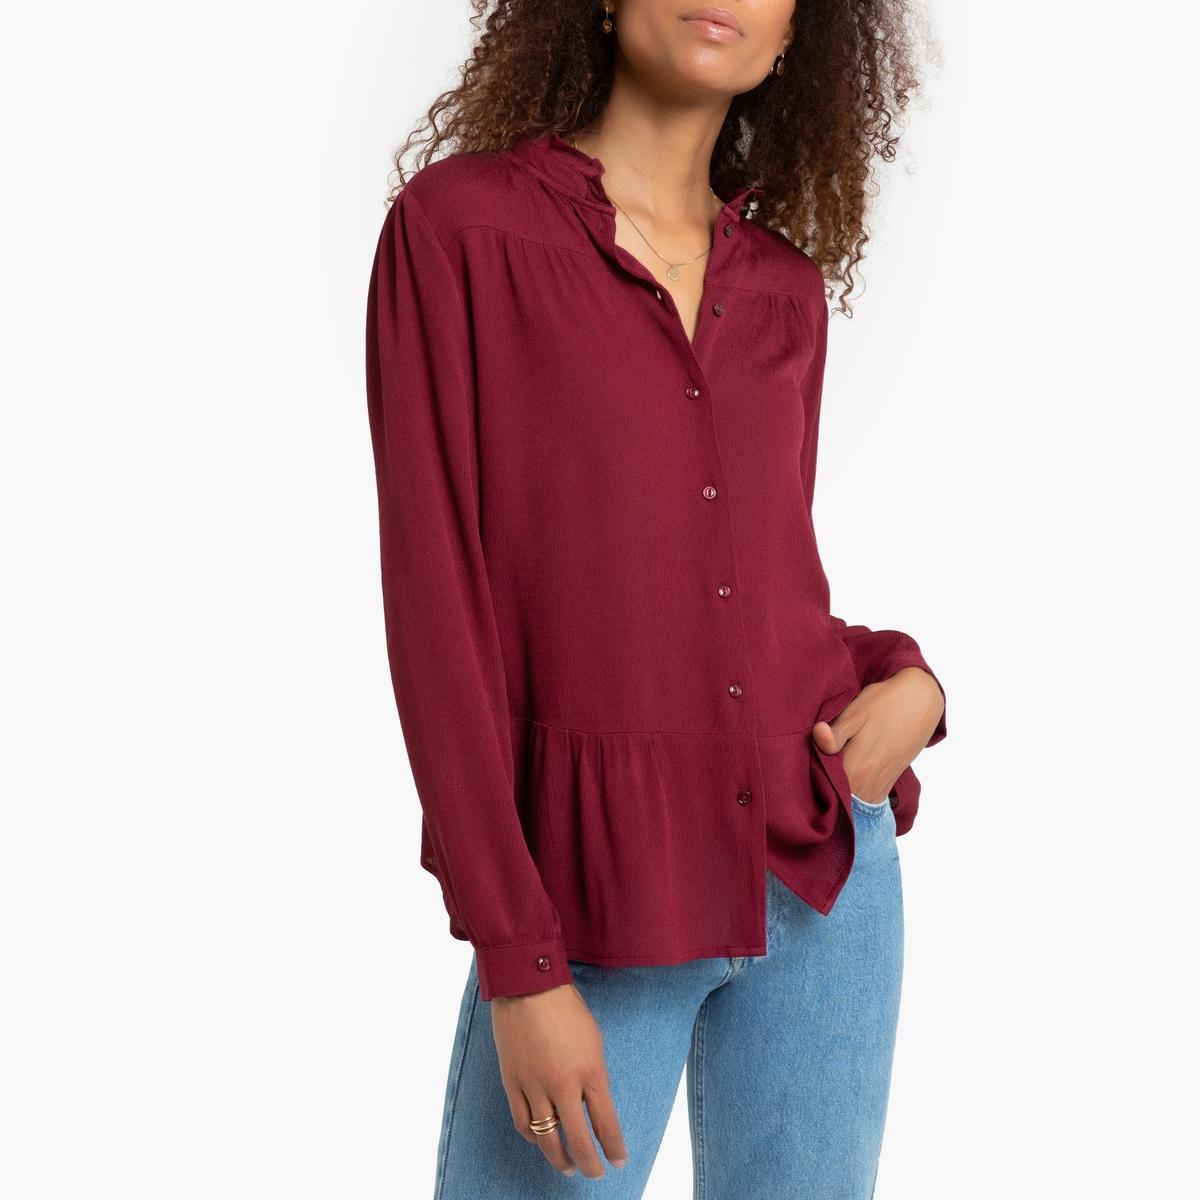 Блузка La Redoute С круглым вырезом и баской с длинными рукавами 0(XS) розовый блузка с круглым вырезом графическим рисунком и длинными рукавами